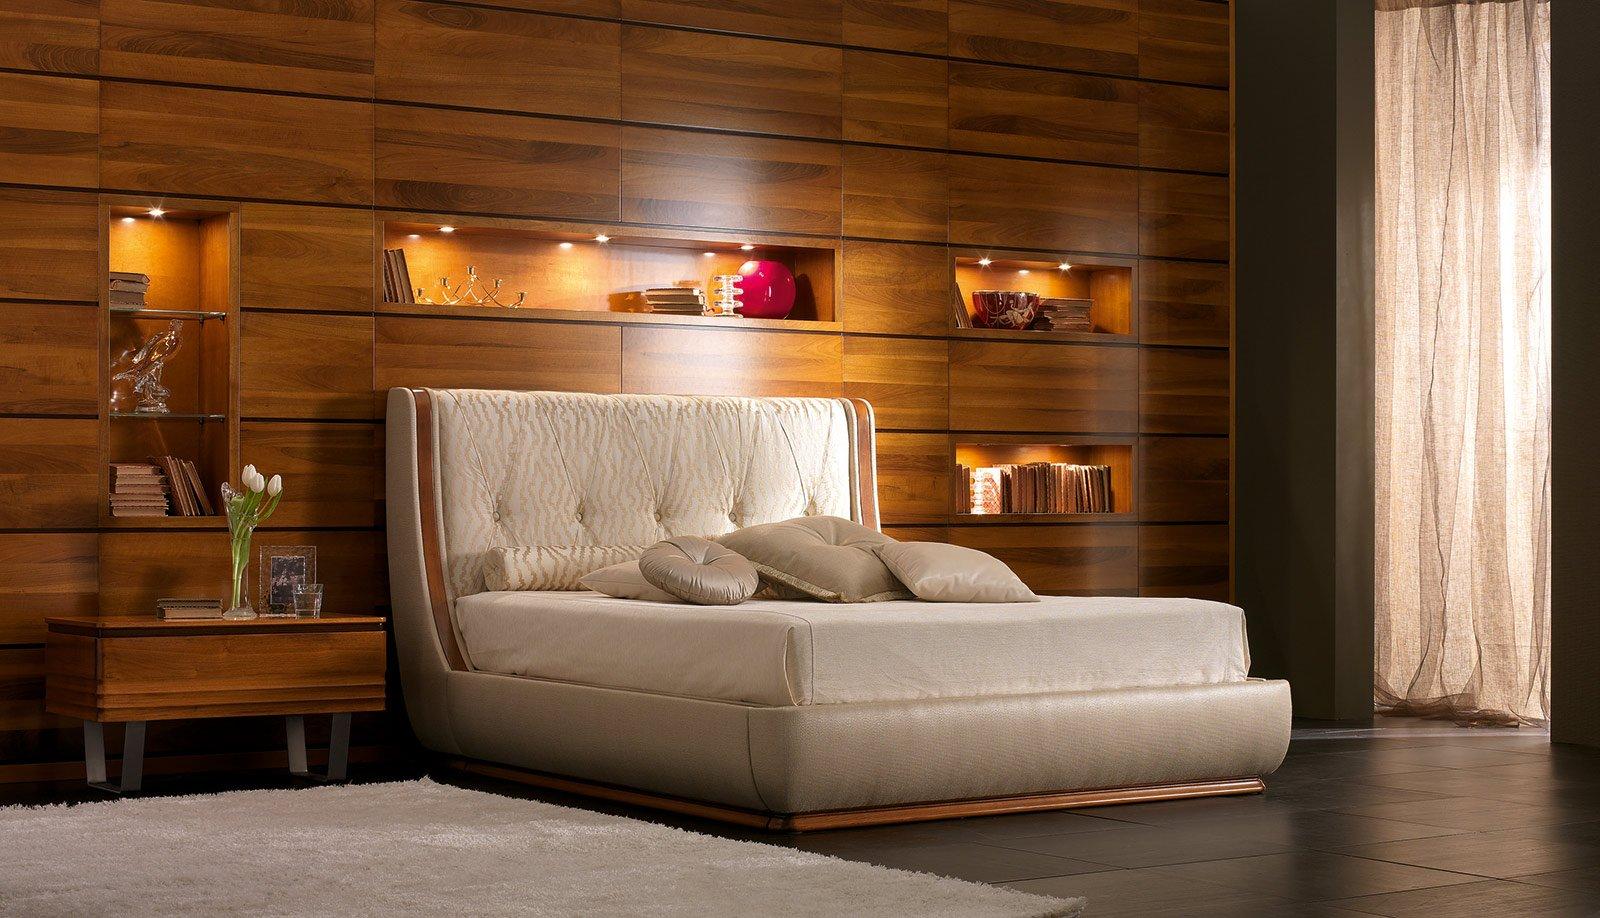 Poltrona letto usata ebay : poltrona letto per cameretta. poltrona ...